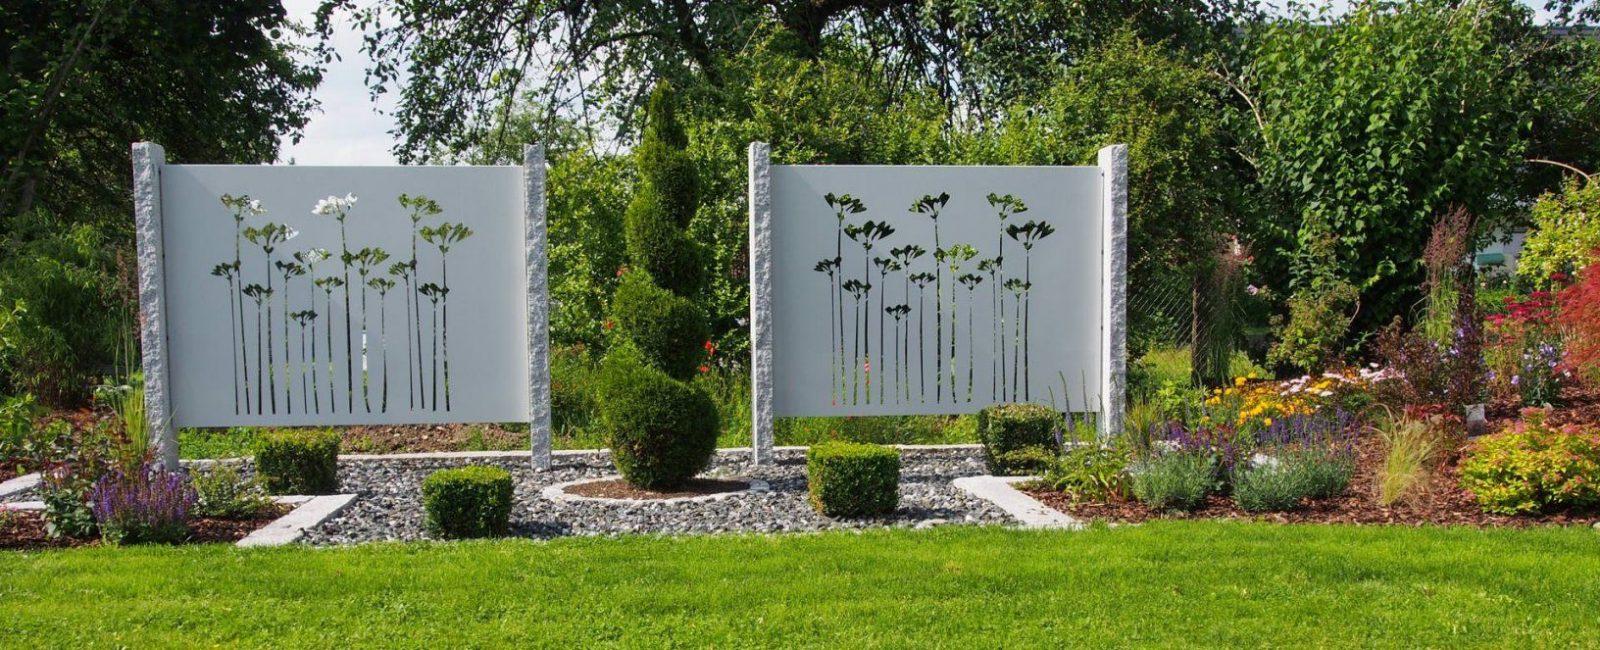 Sichtschutz Aus Metall Ganz Individuell  Tiko Metalldesign von Moderner Sichtschutz Für Garten Photo